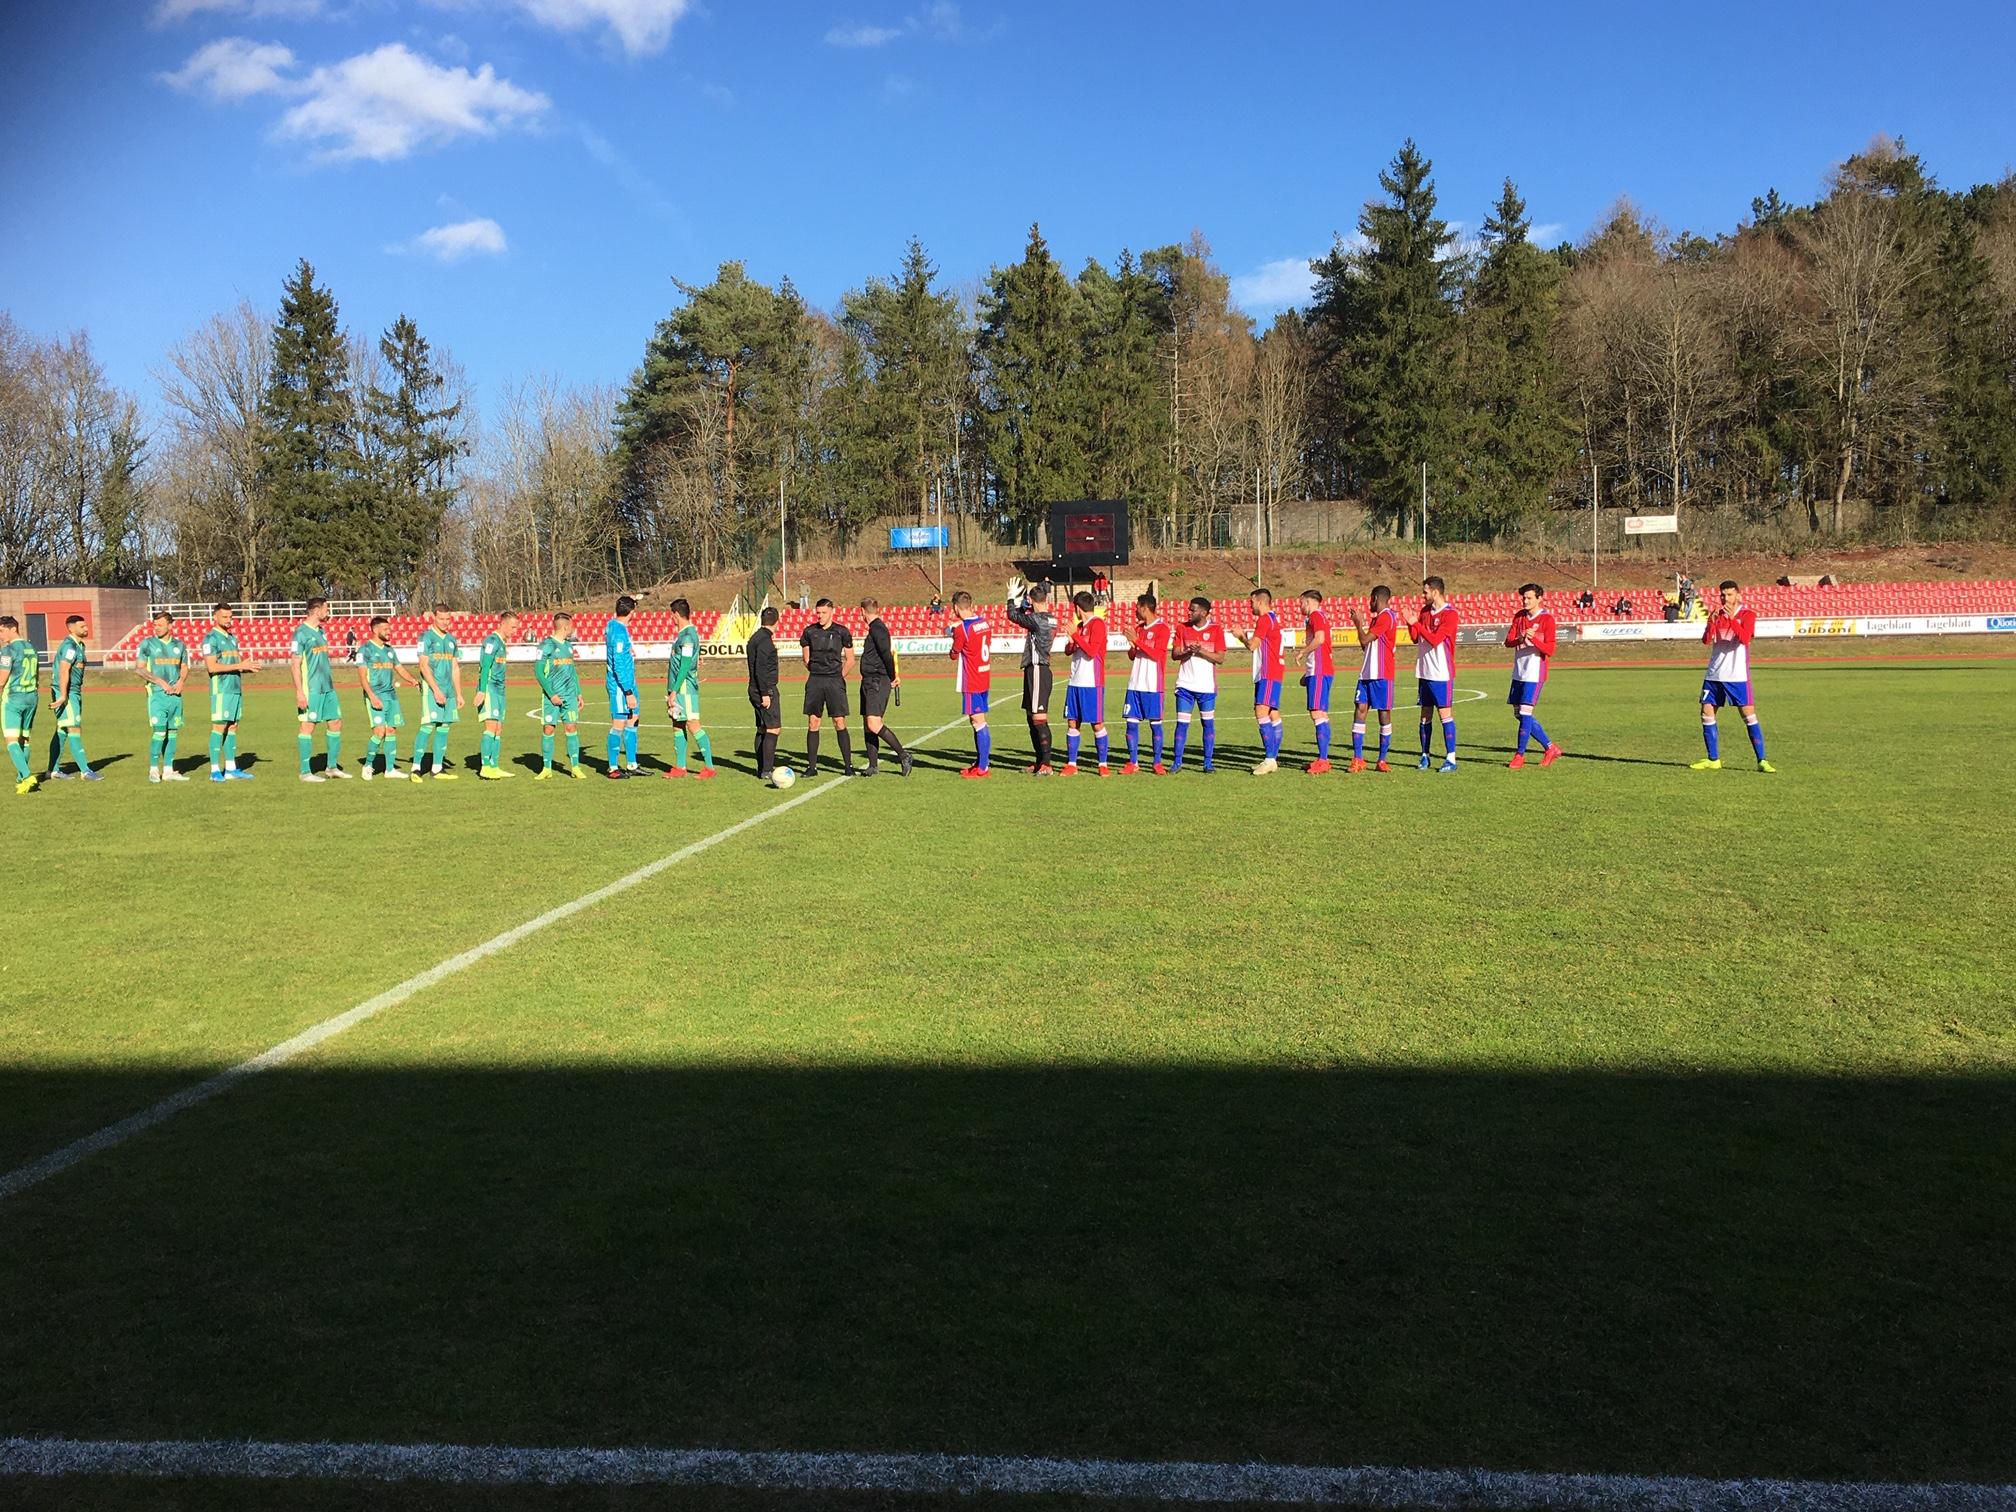 CS FOLA - FC HOMBURG 0-5 (0-4) répétition générale complétement ratée